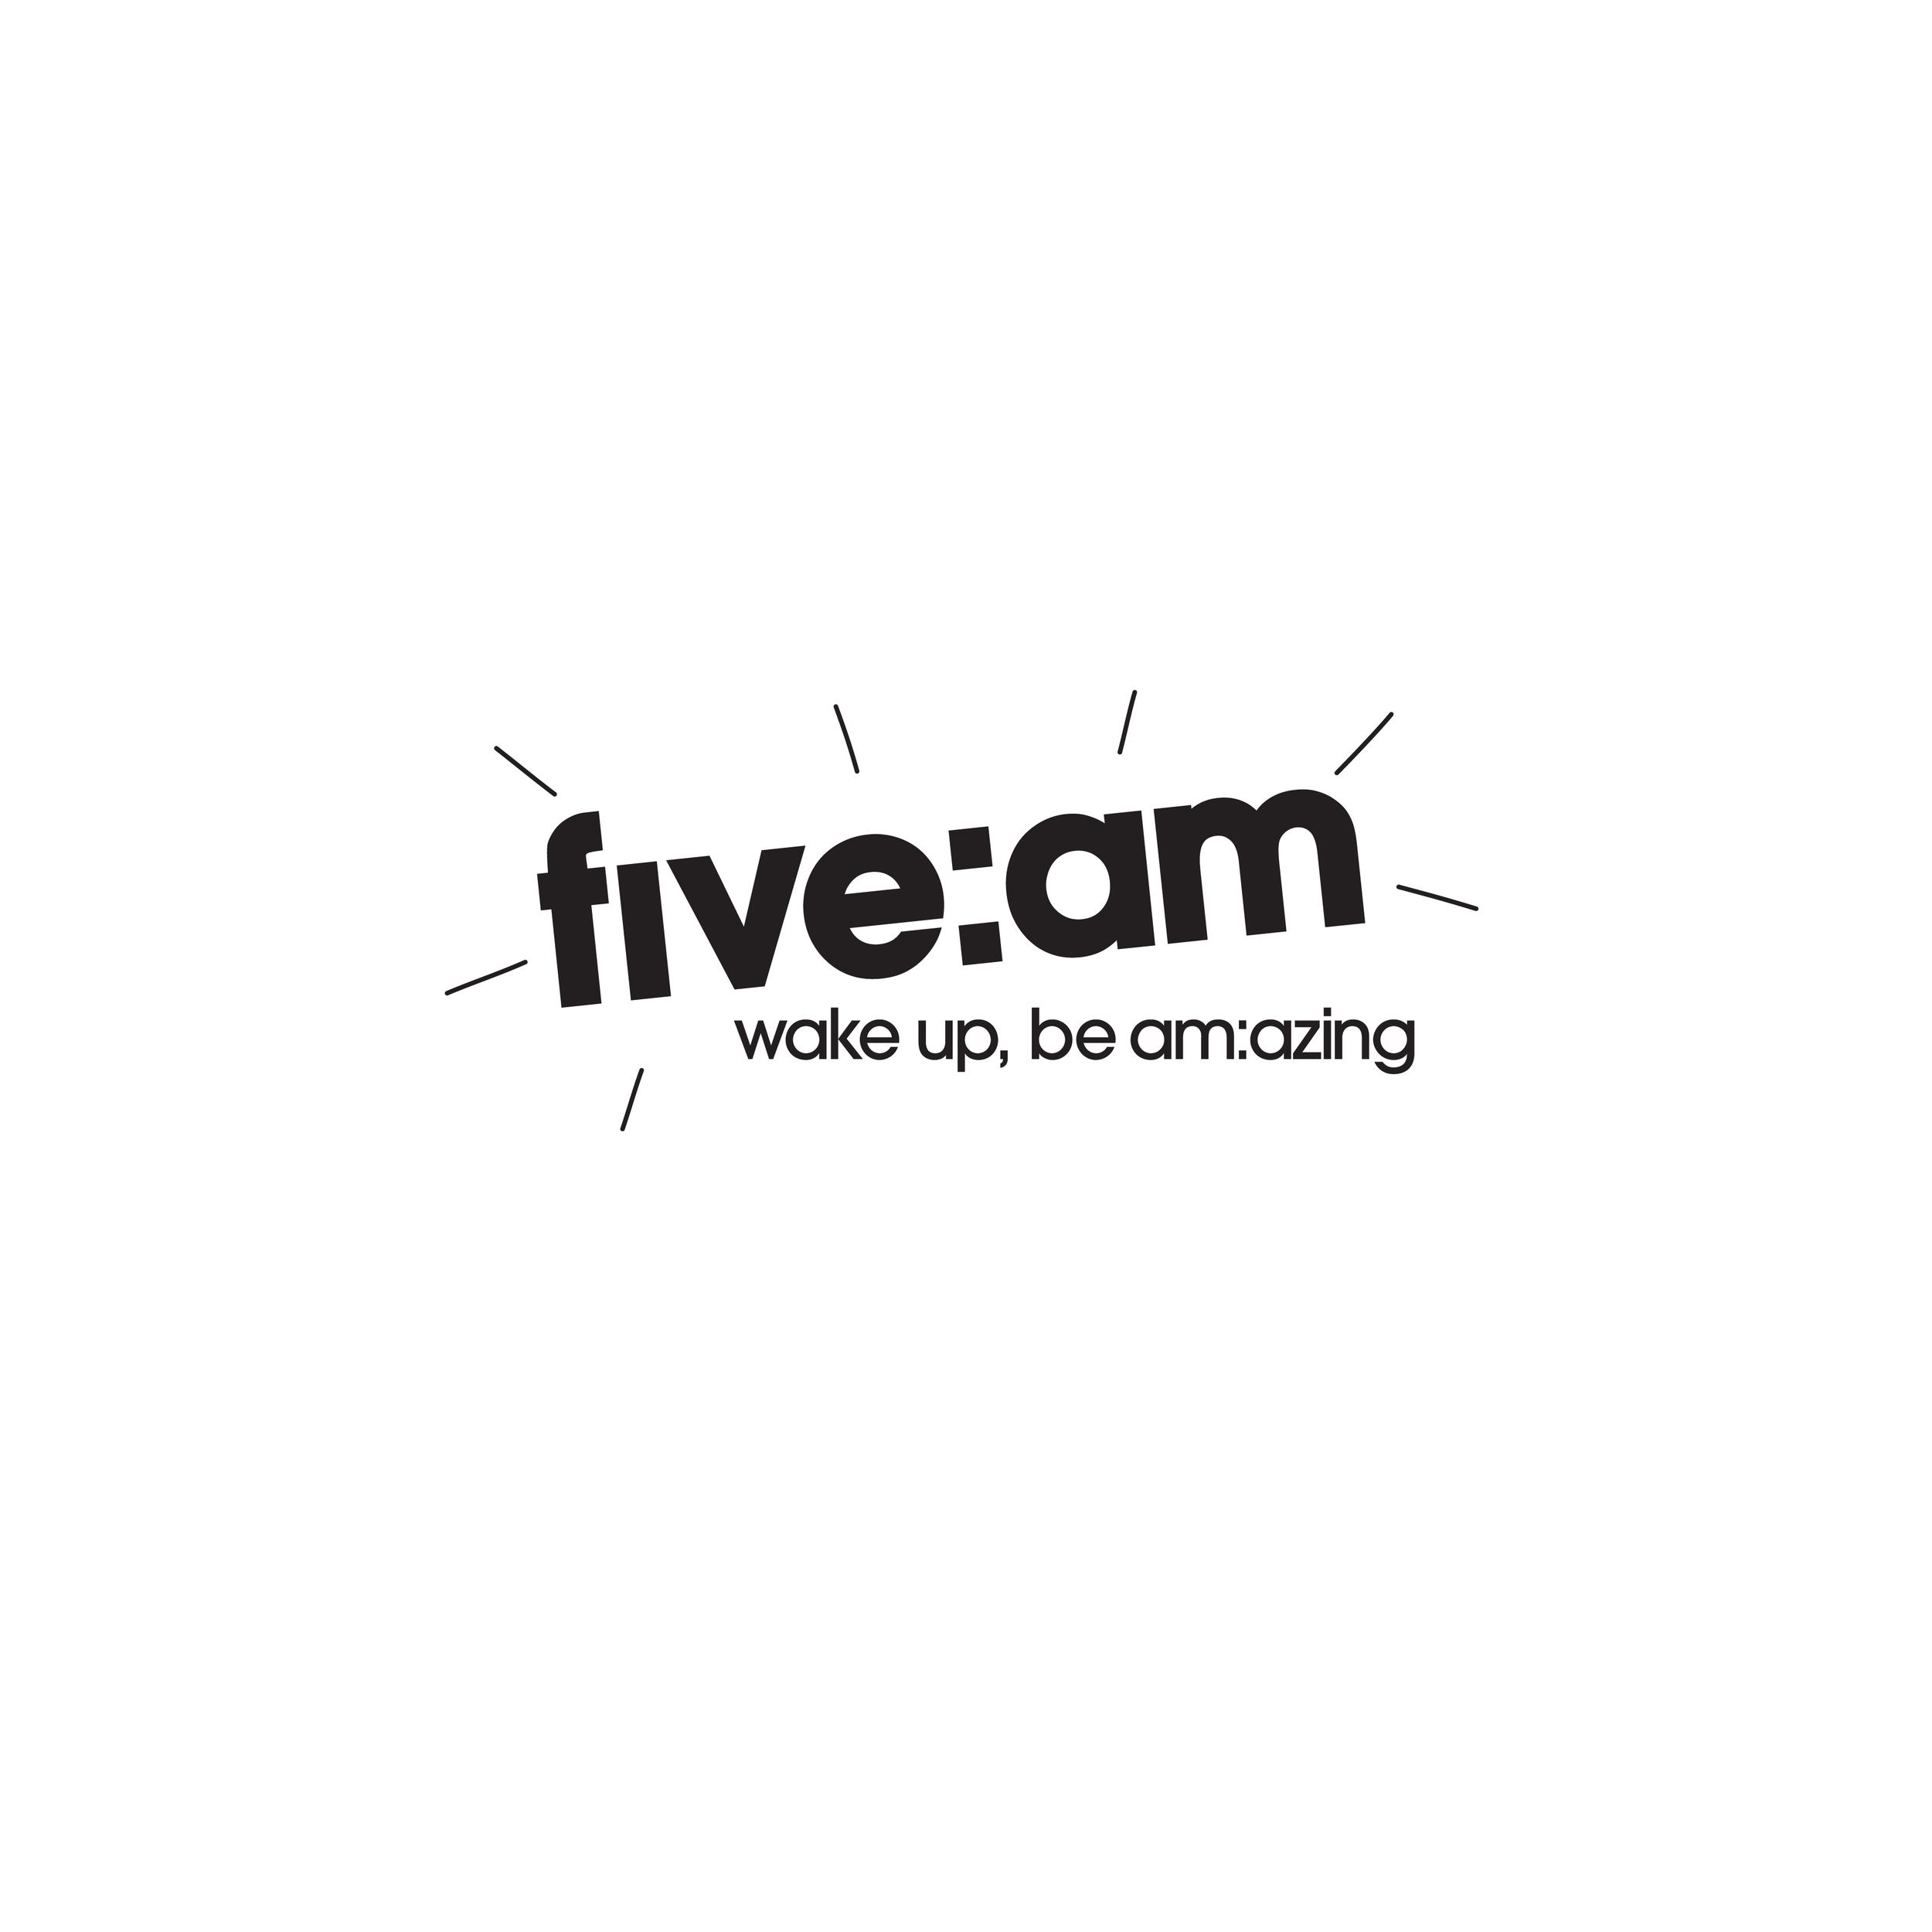 fiveam-wakeup-angle[2]_v2.png